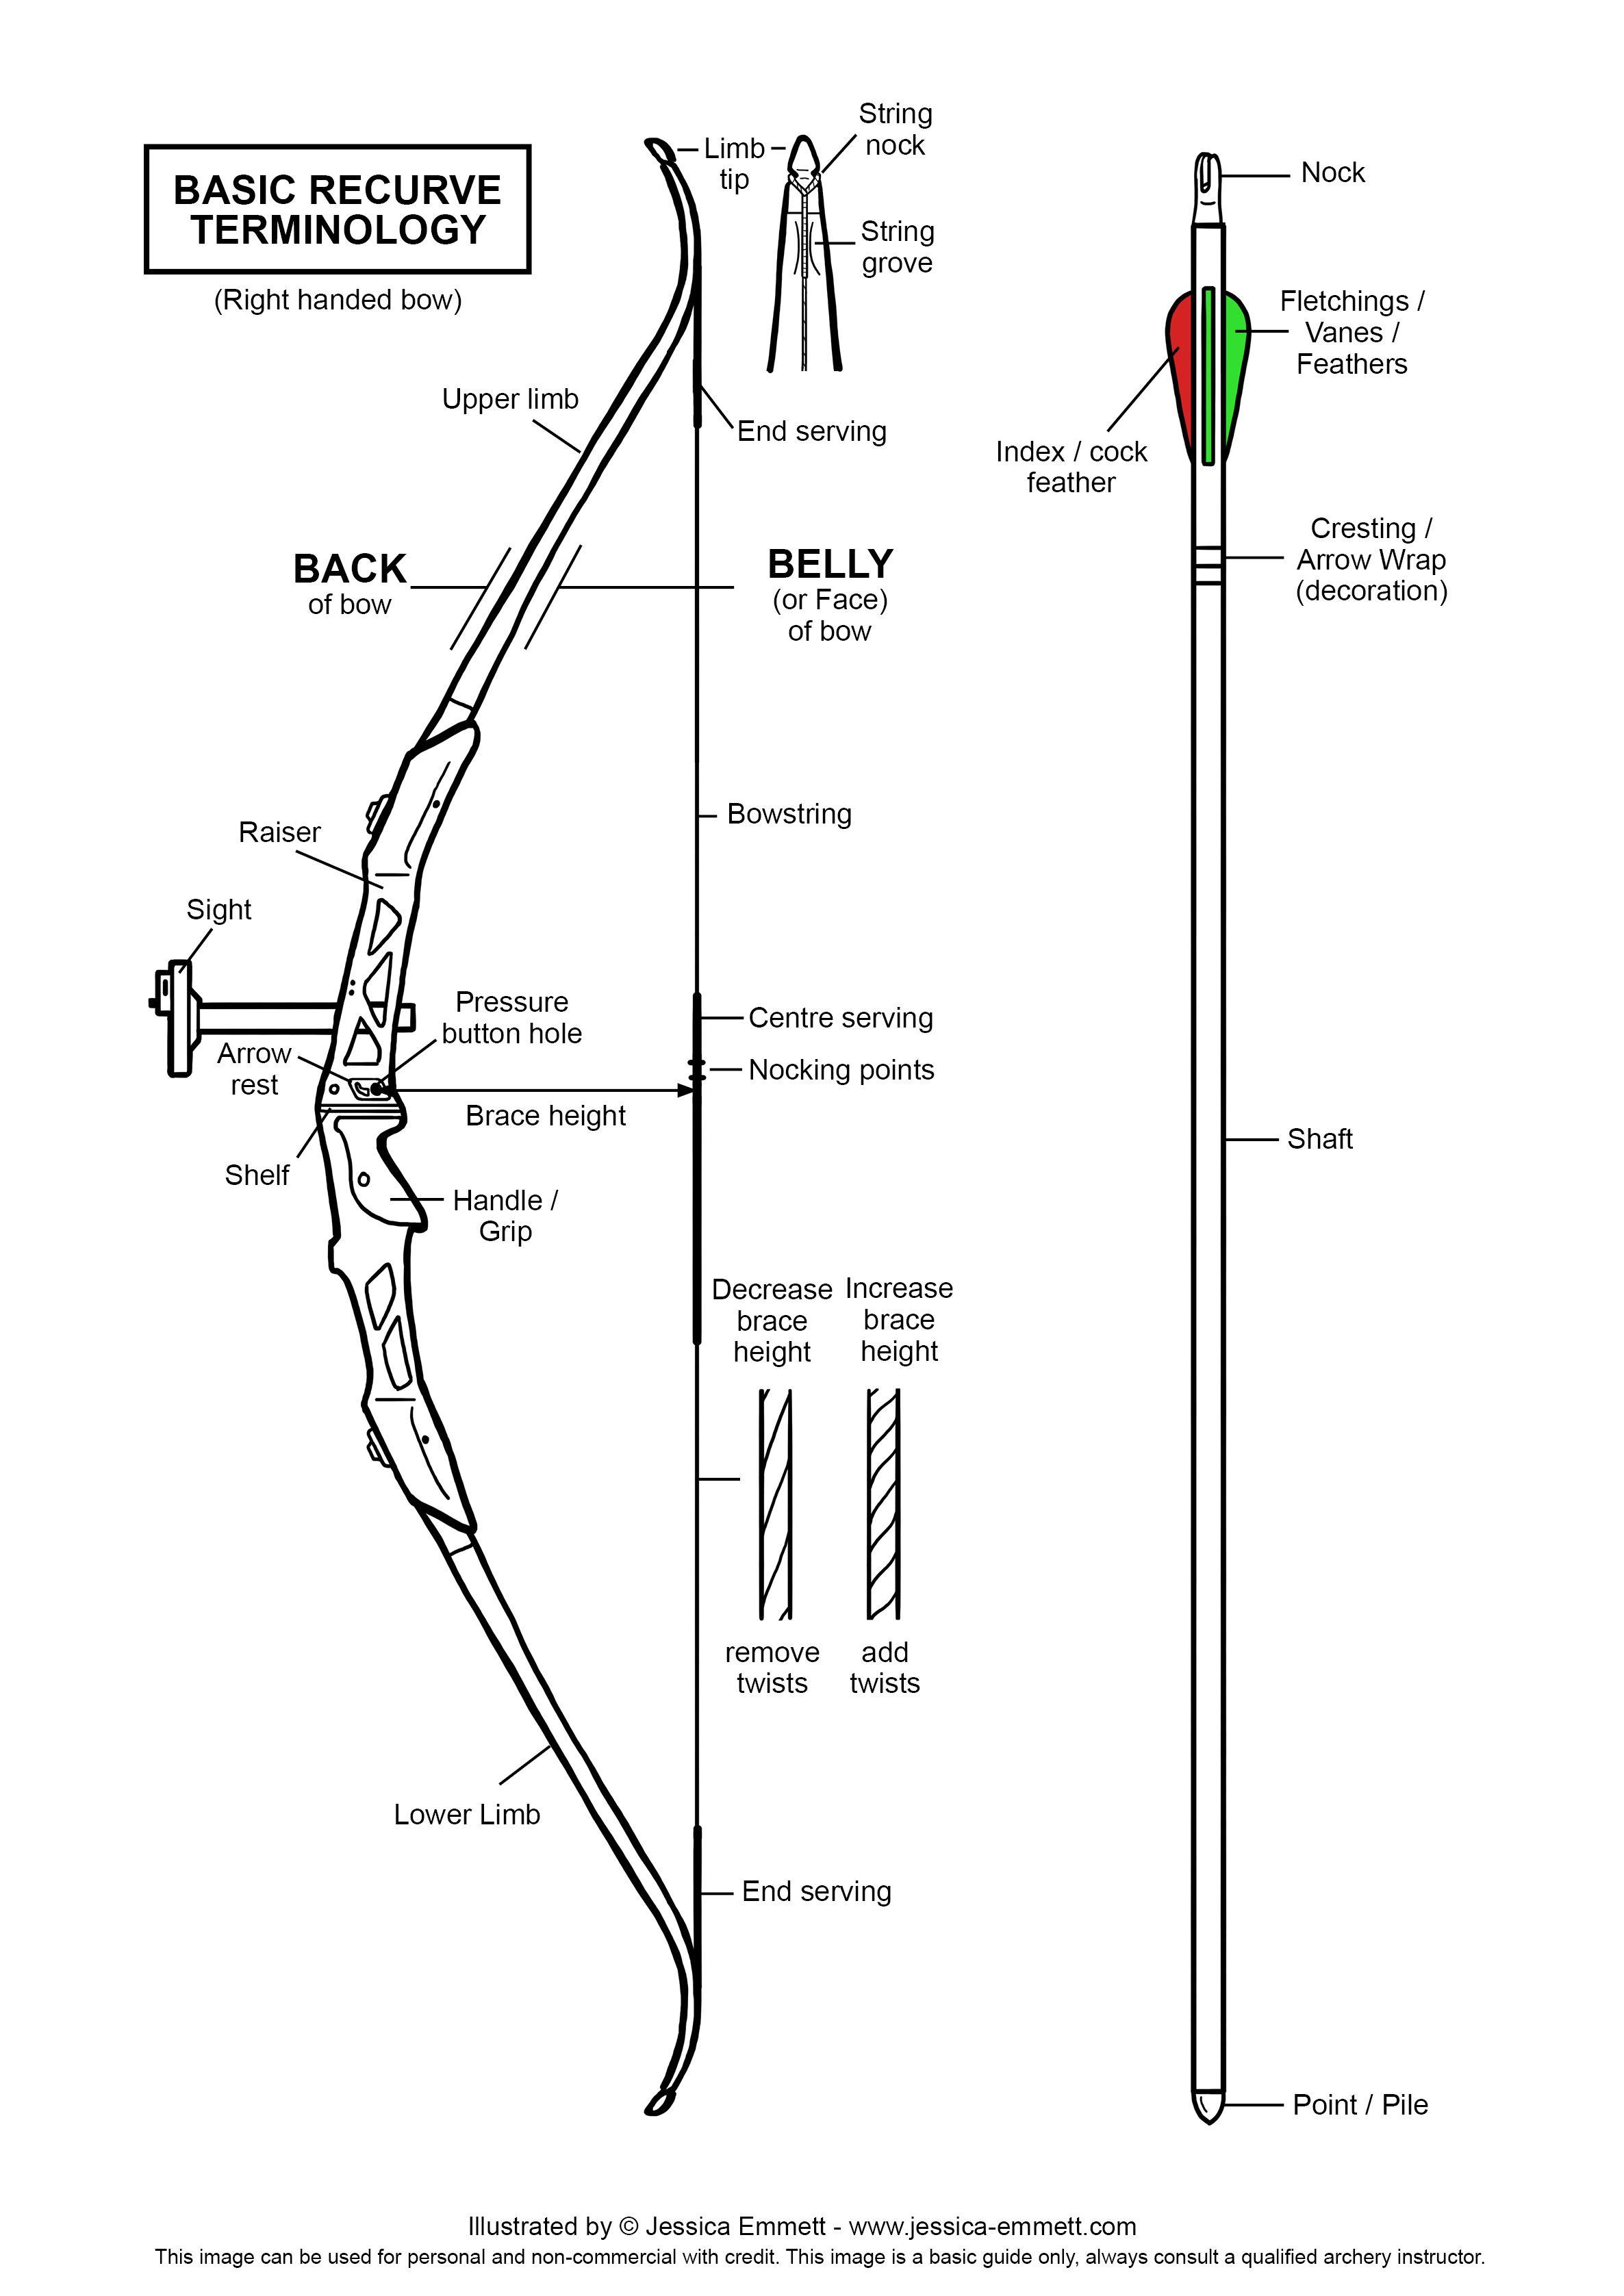 Basic Gun Diagram 220 3 Phase Wiring Recurve Terminology Jpg 2 3723 354 Pixels